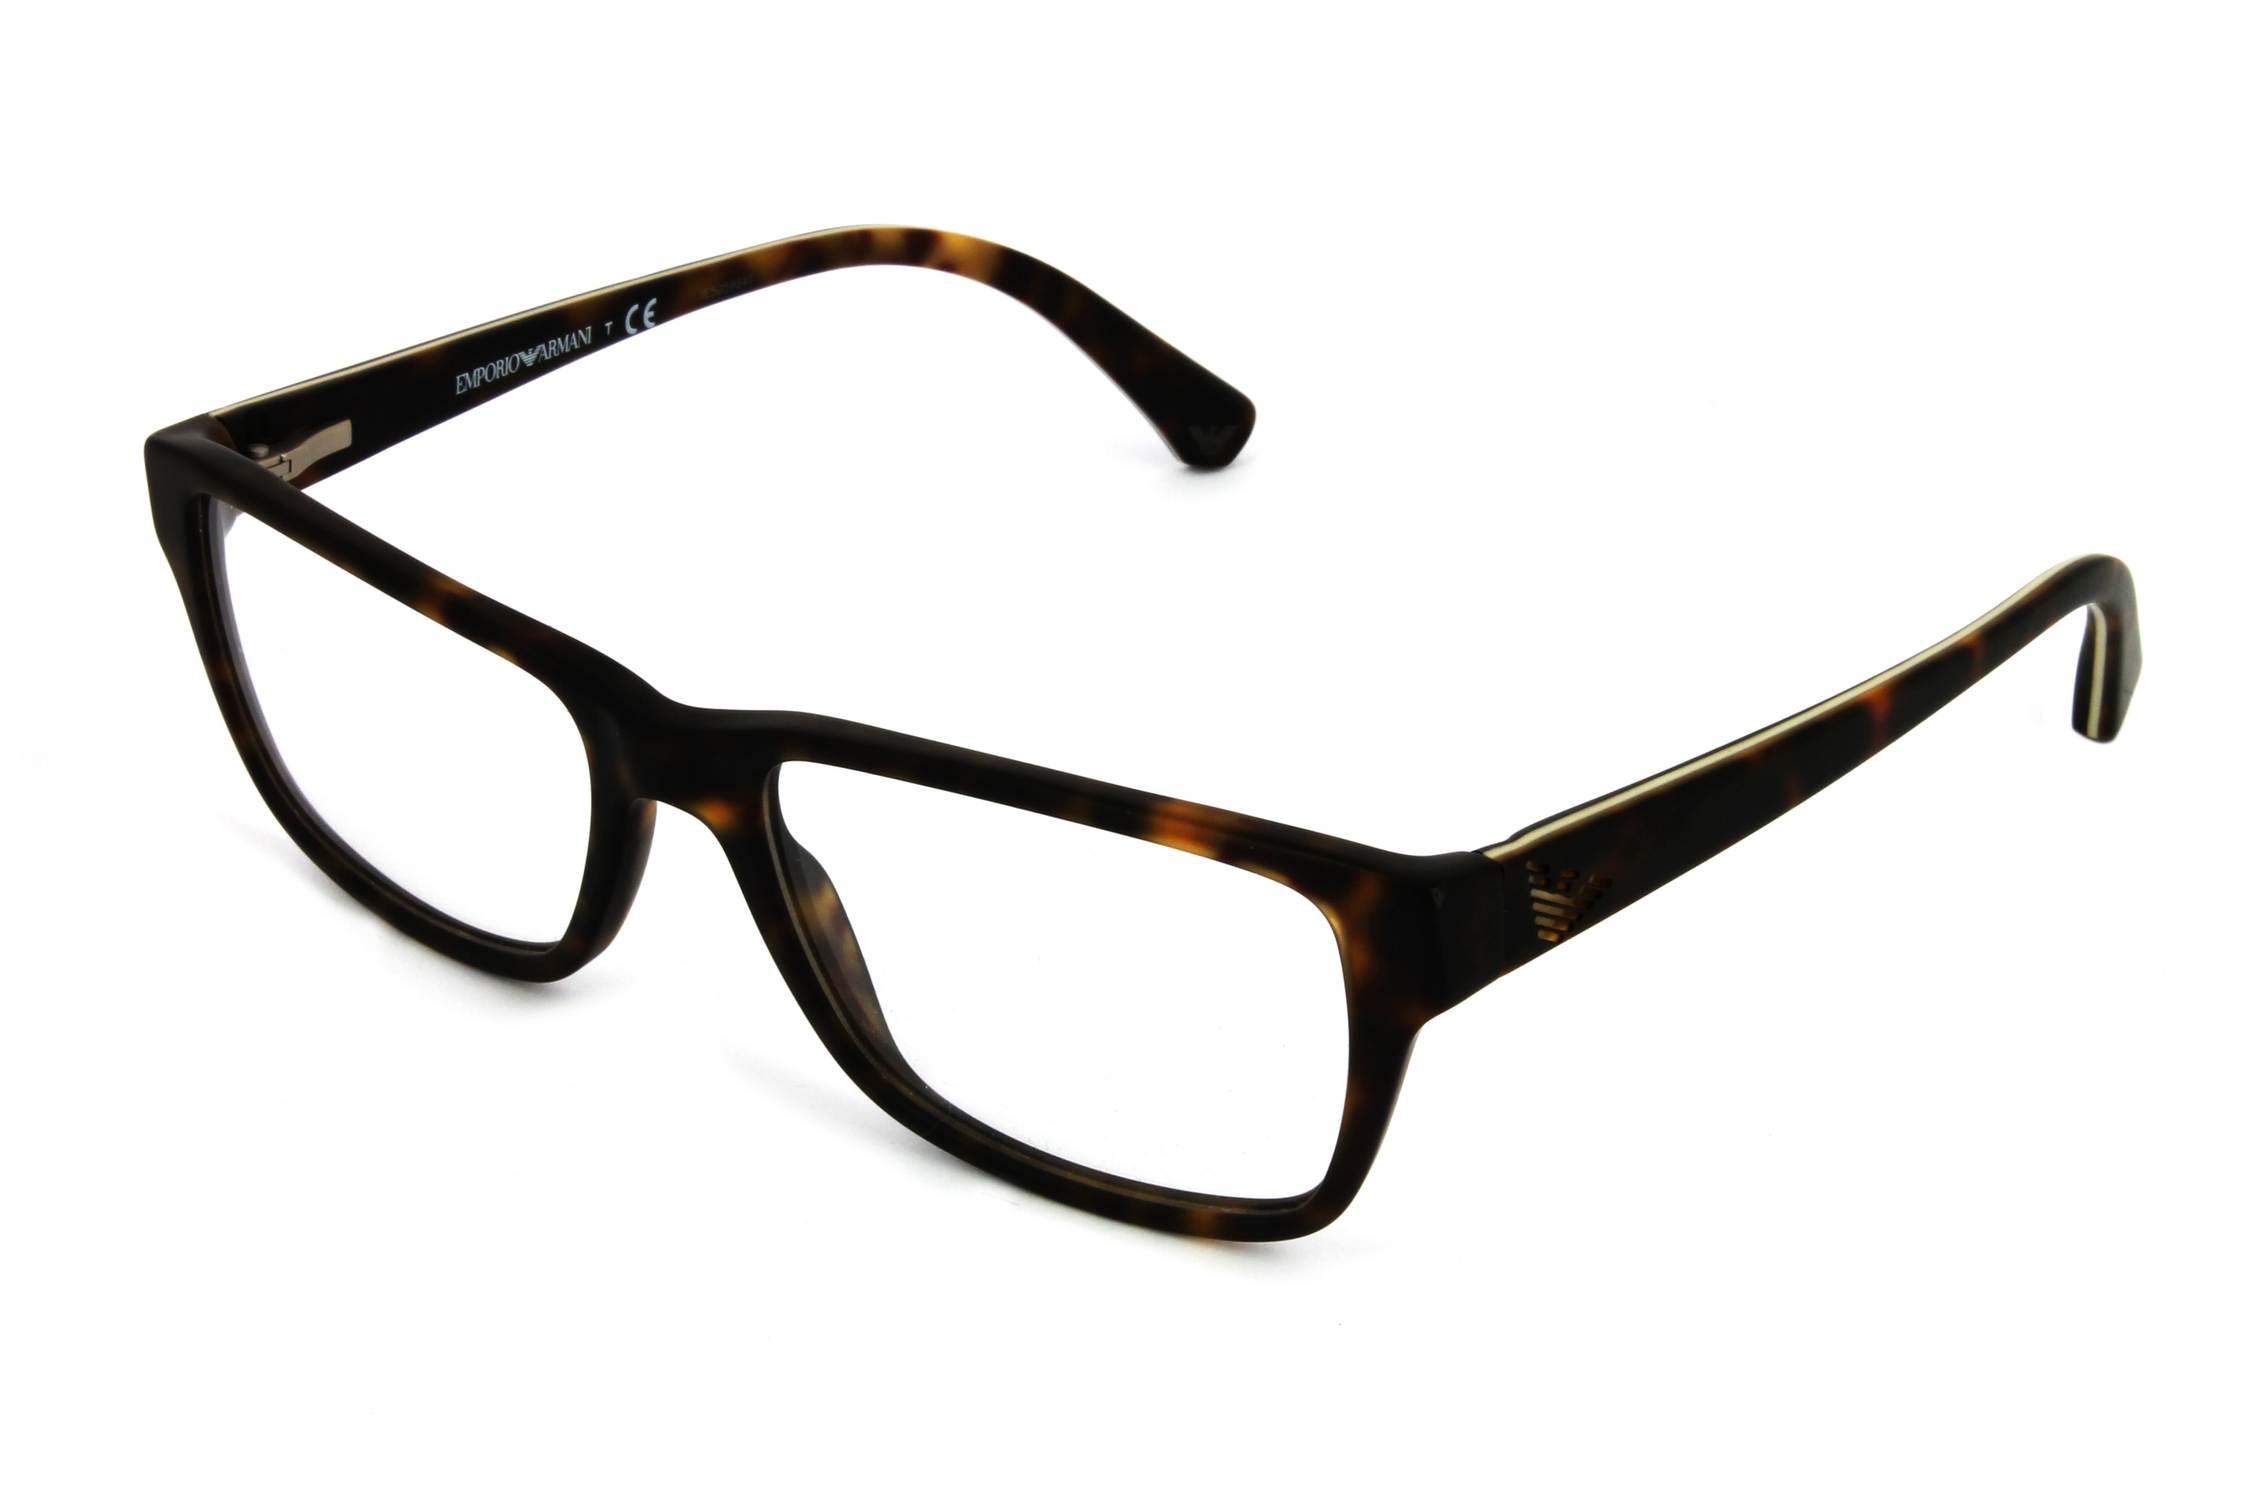 lunette de vue armani femme